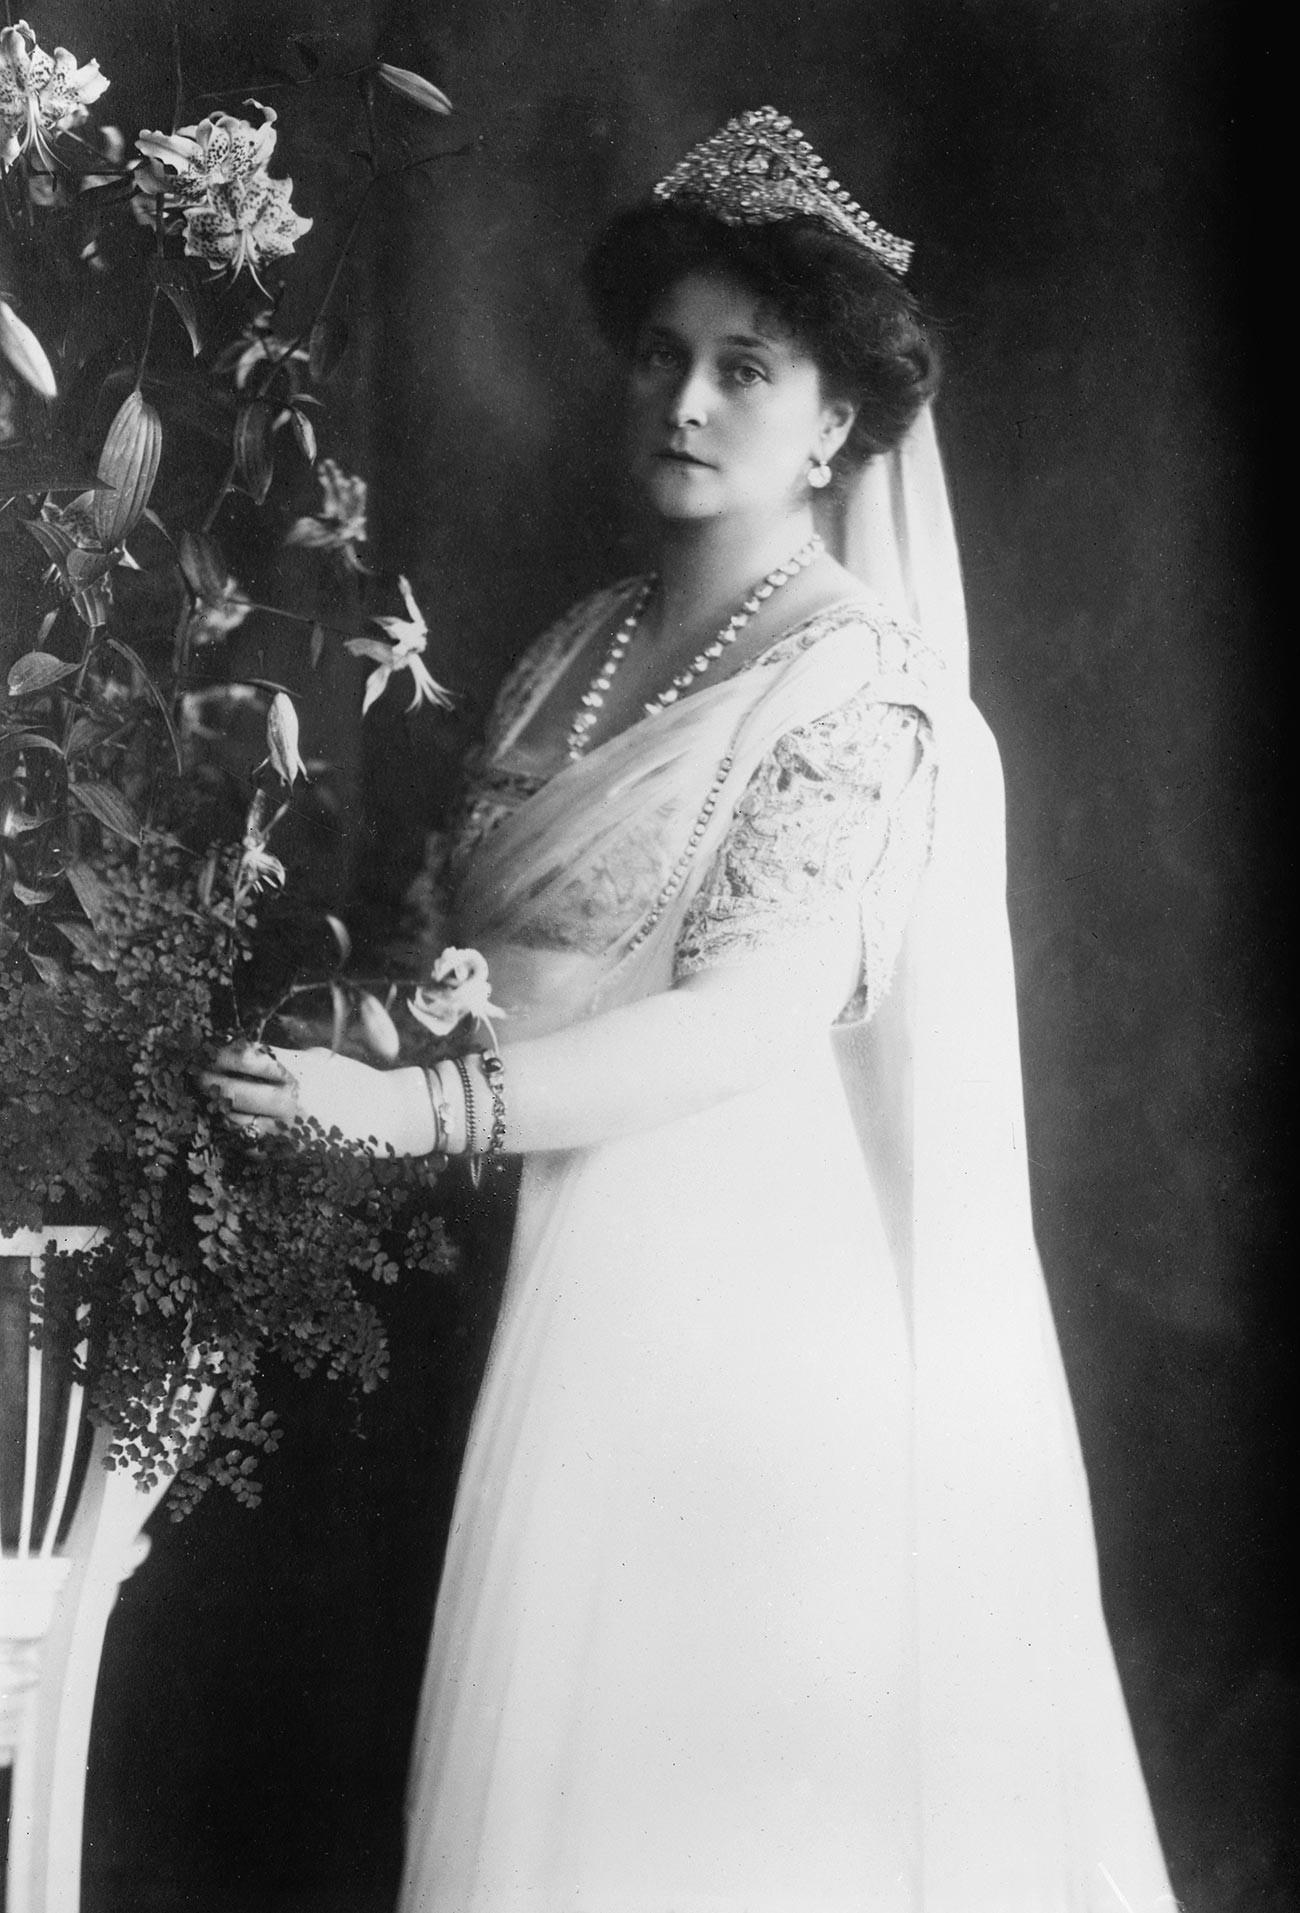 Kaiserin Alexandra Fjodorowna